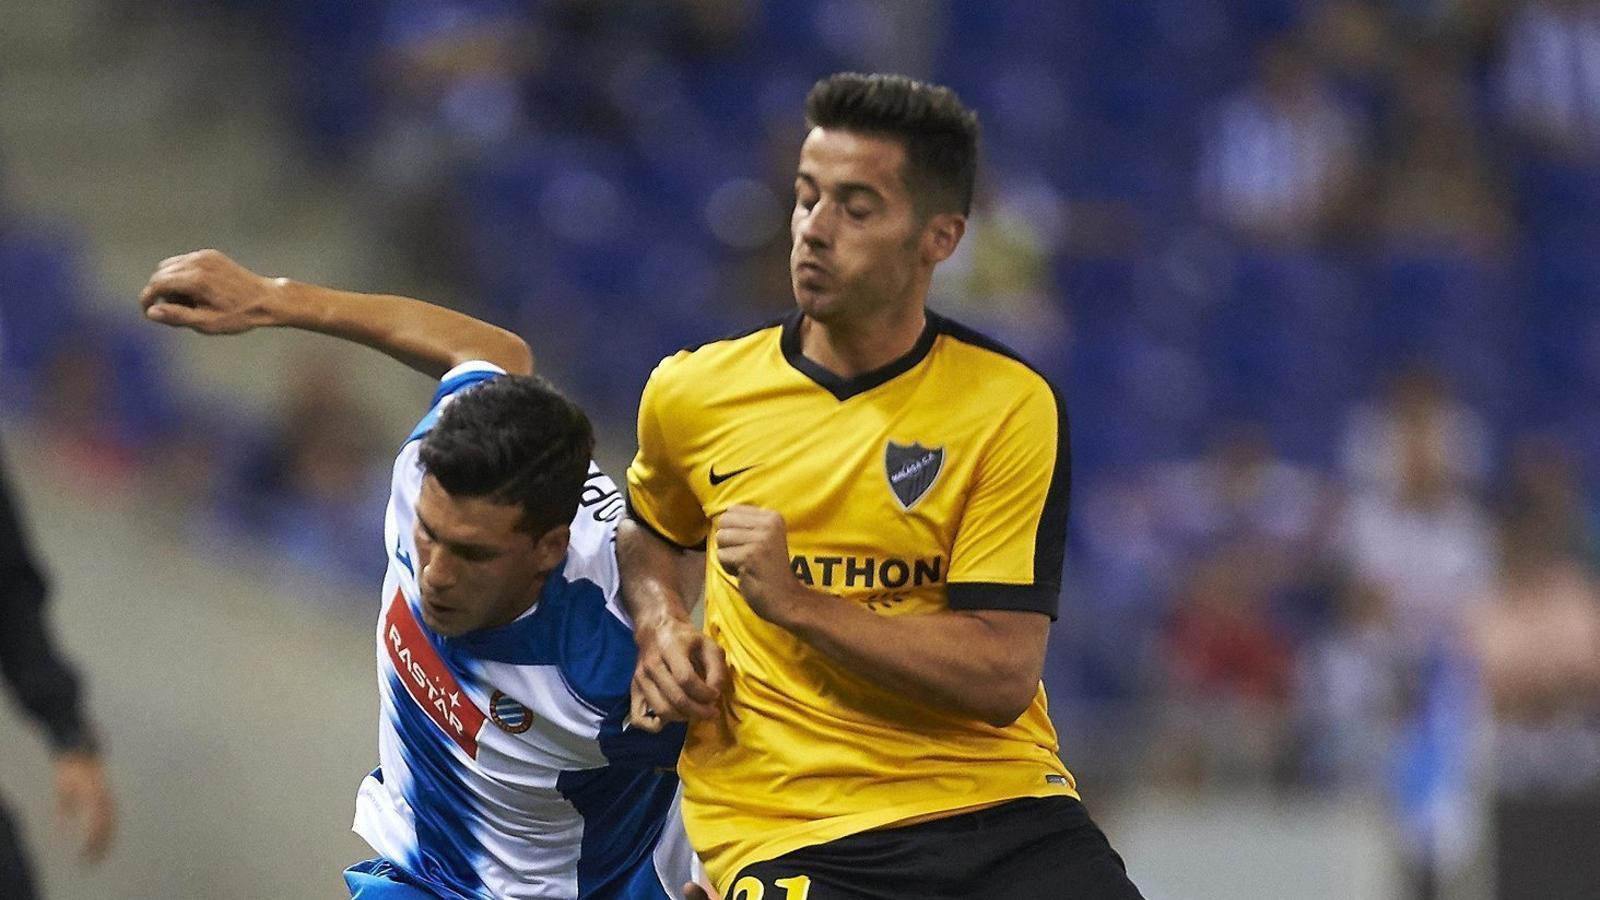 El defensa de l'espanyol Javi López disputant una pilota amb Jony del Màlaga durant el partit de Cornellà.